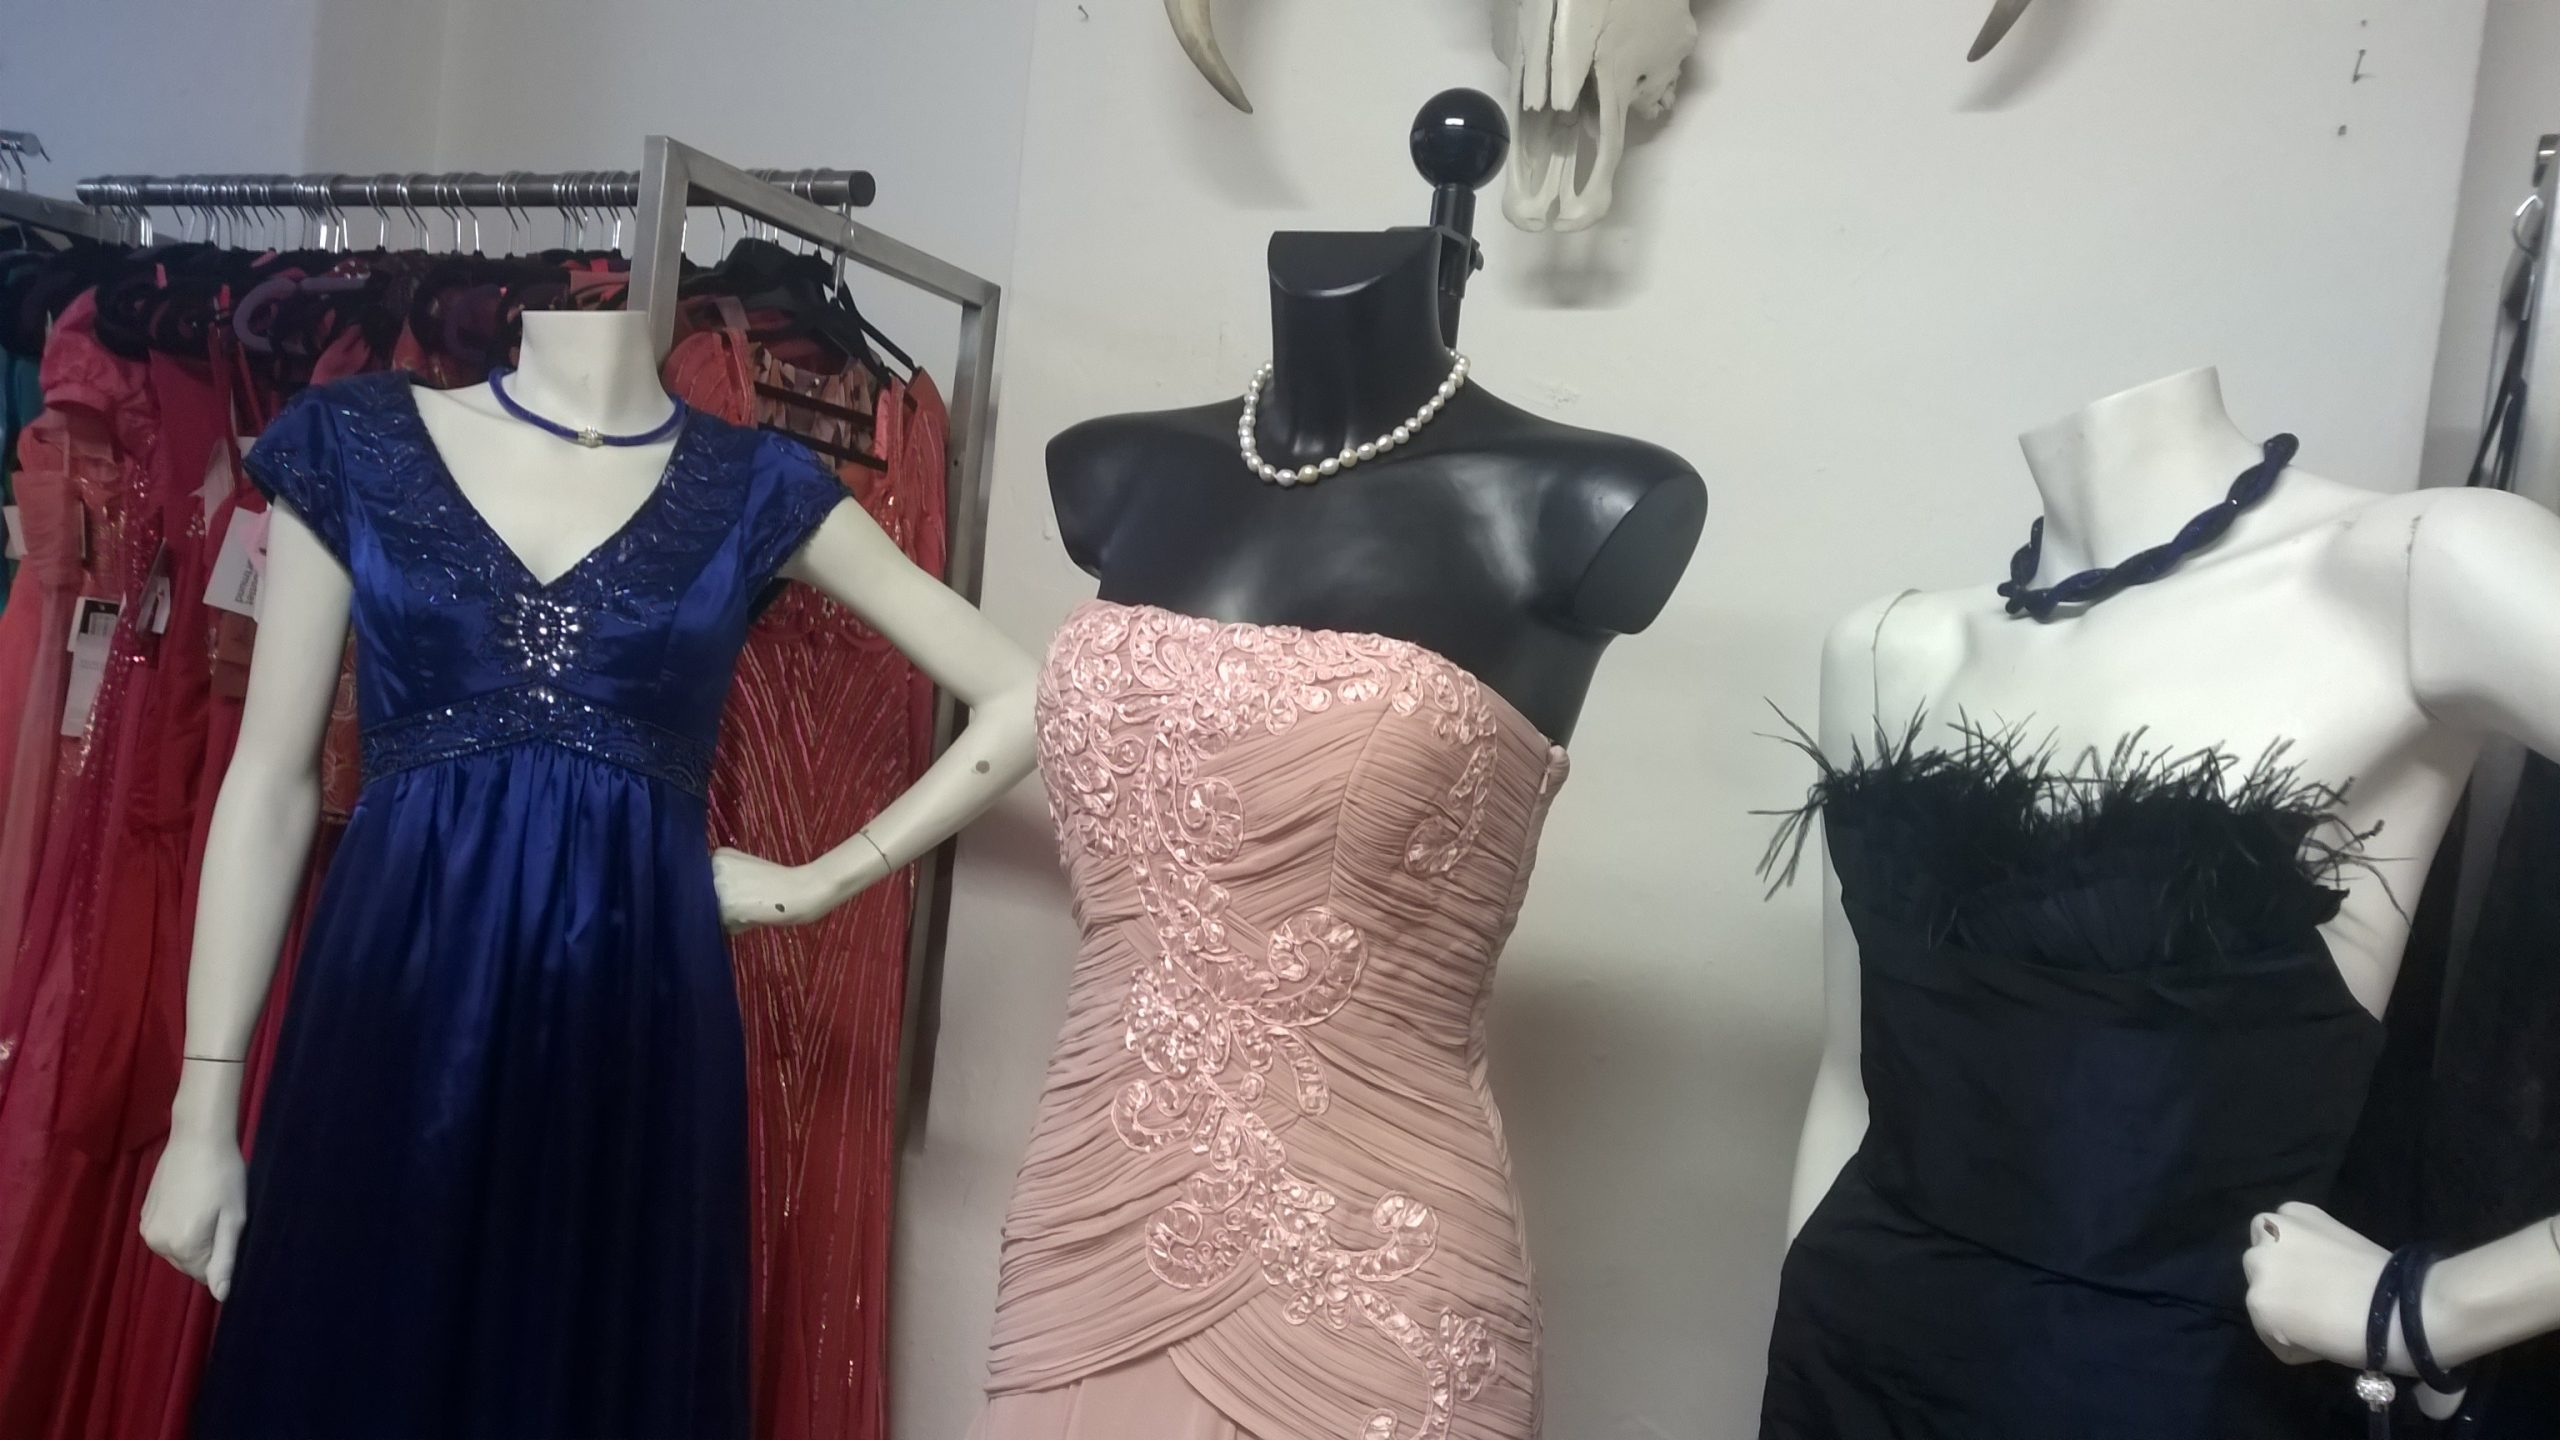 Formal Schön Abendkleider Dortmund für 2019Designer Schön Abendkleider Dortmund Spezialgebiet